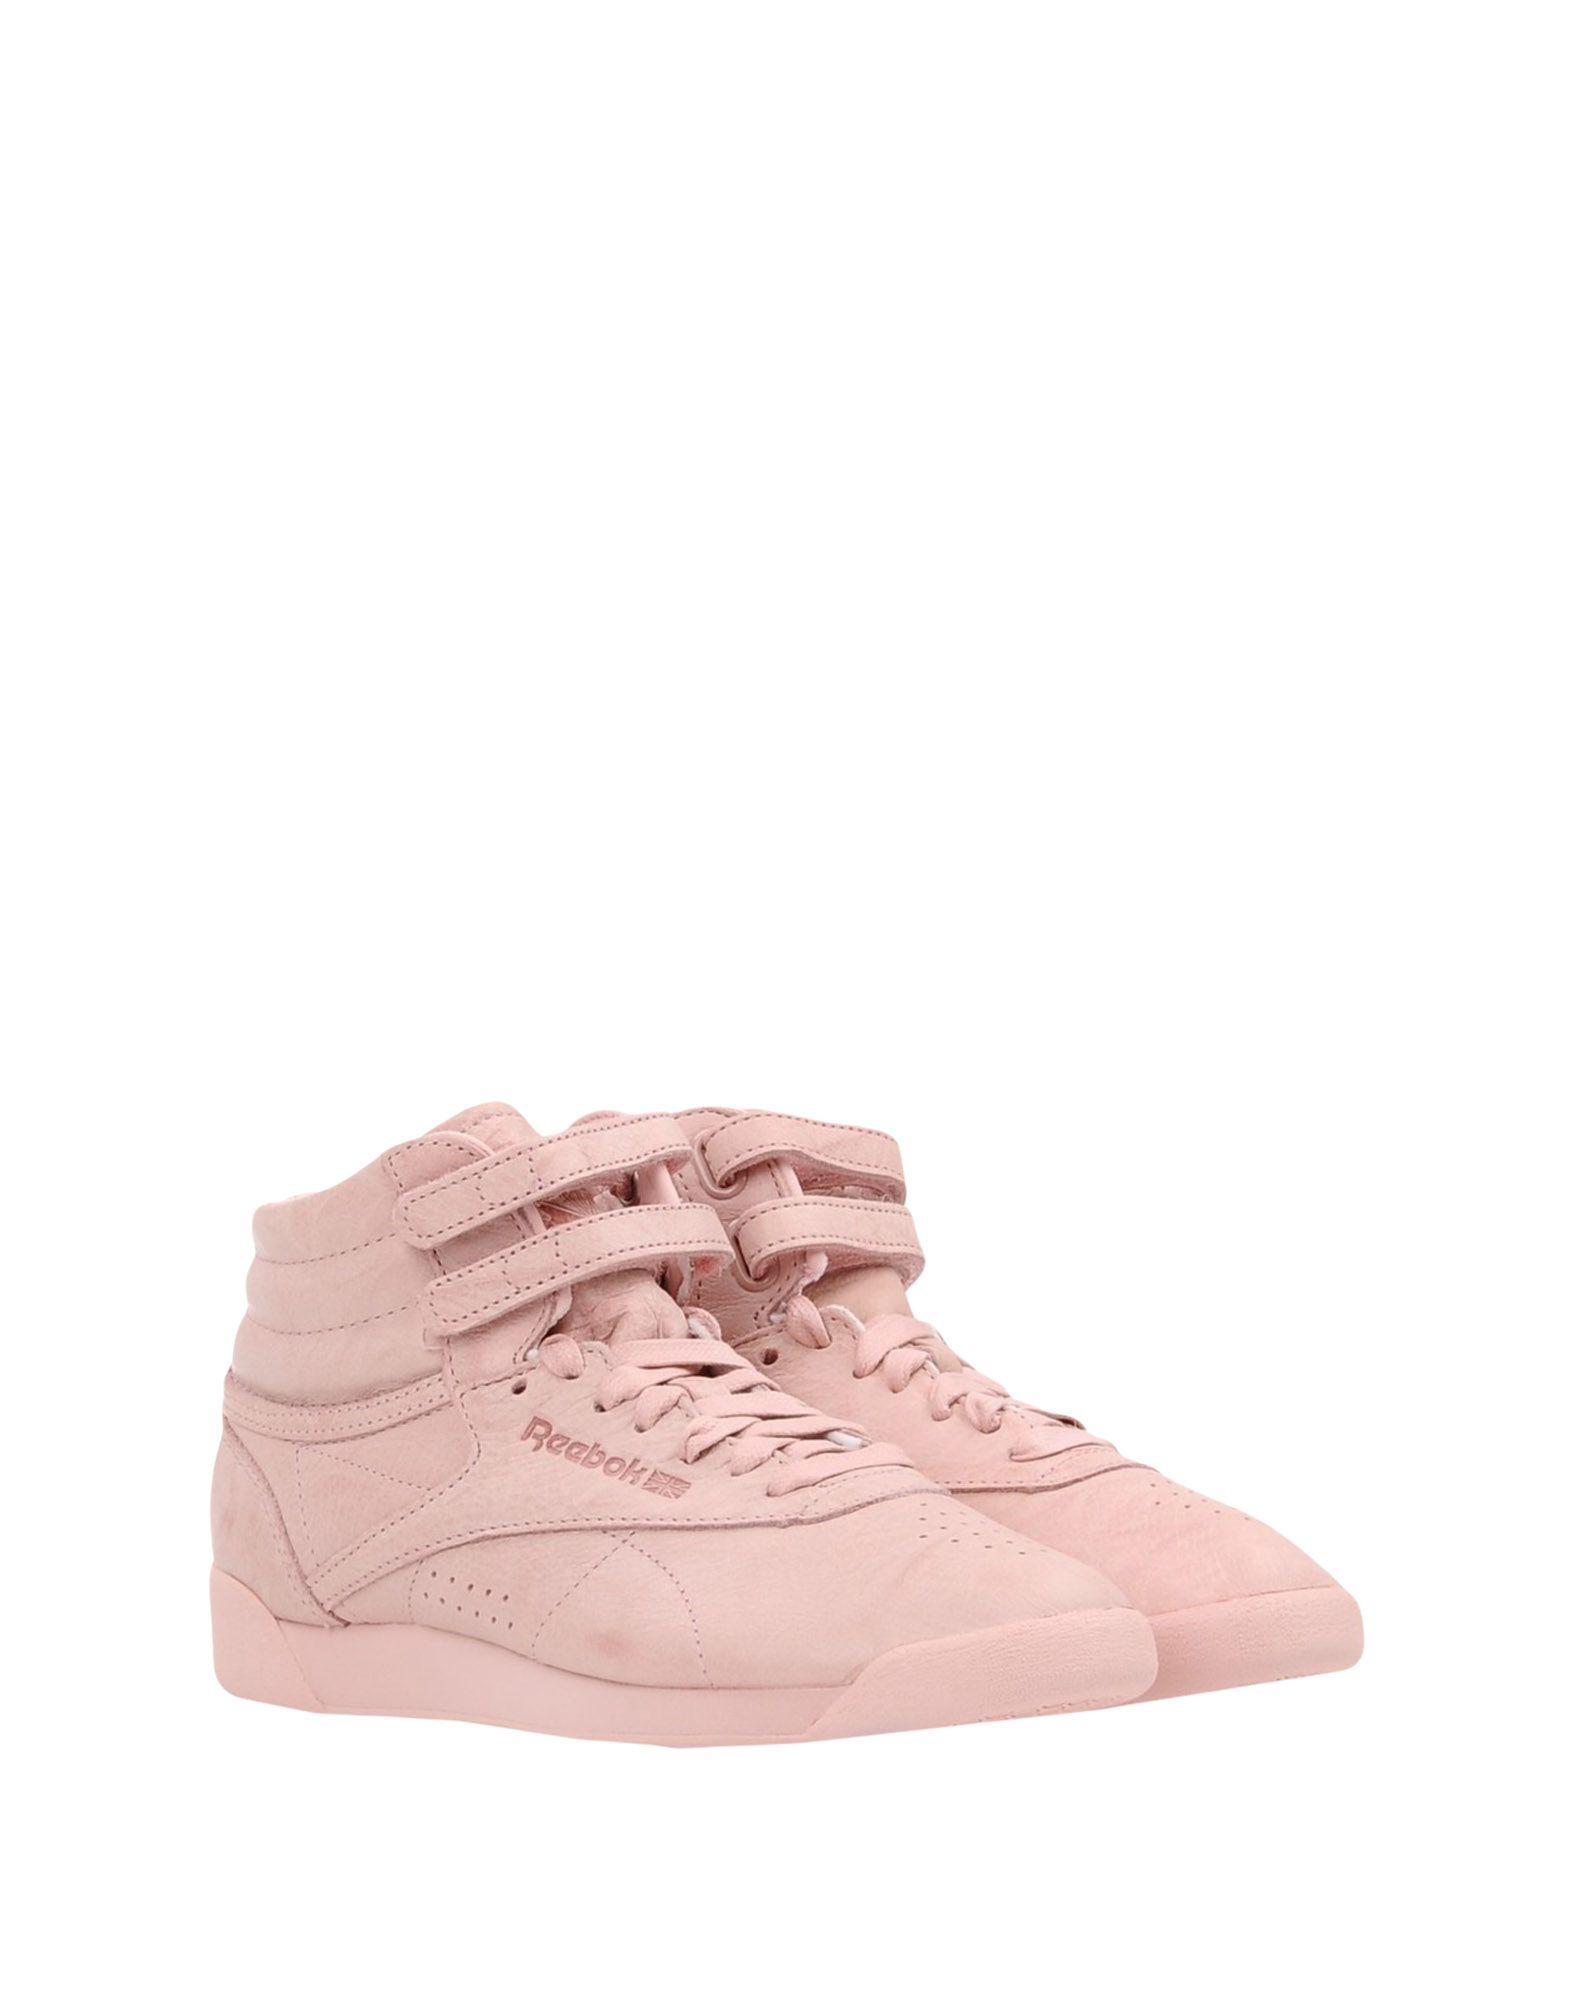 Reebok 11353705NE F/S Hi Fbt  11353705NE Reebok Gute Qualität beliebte Schuhe 478d41